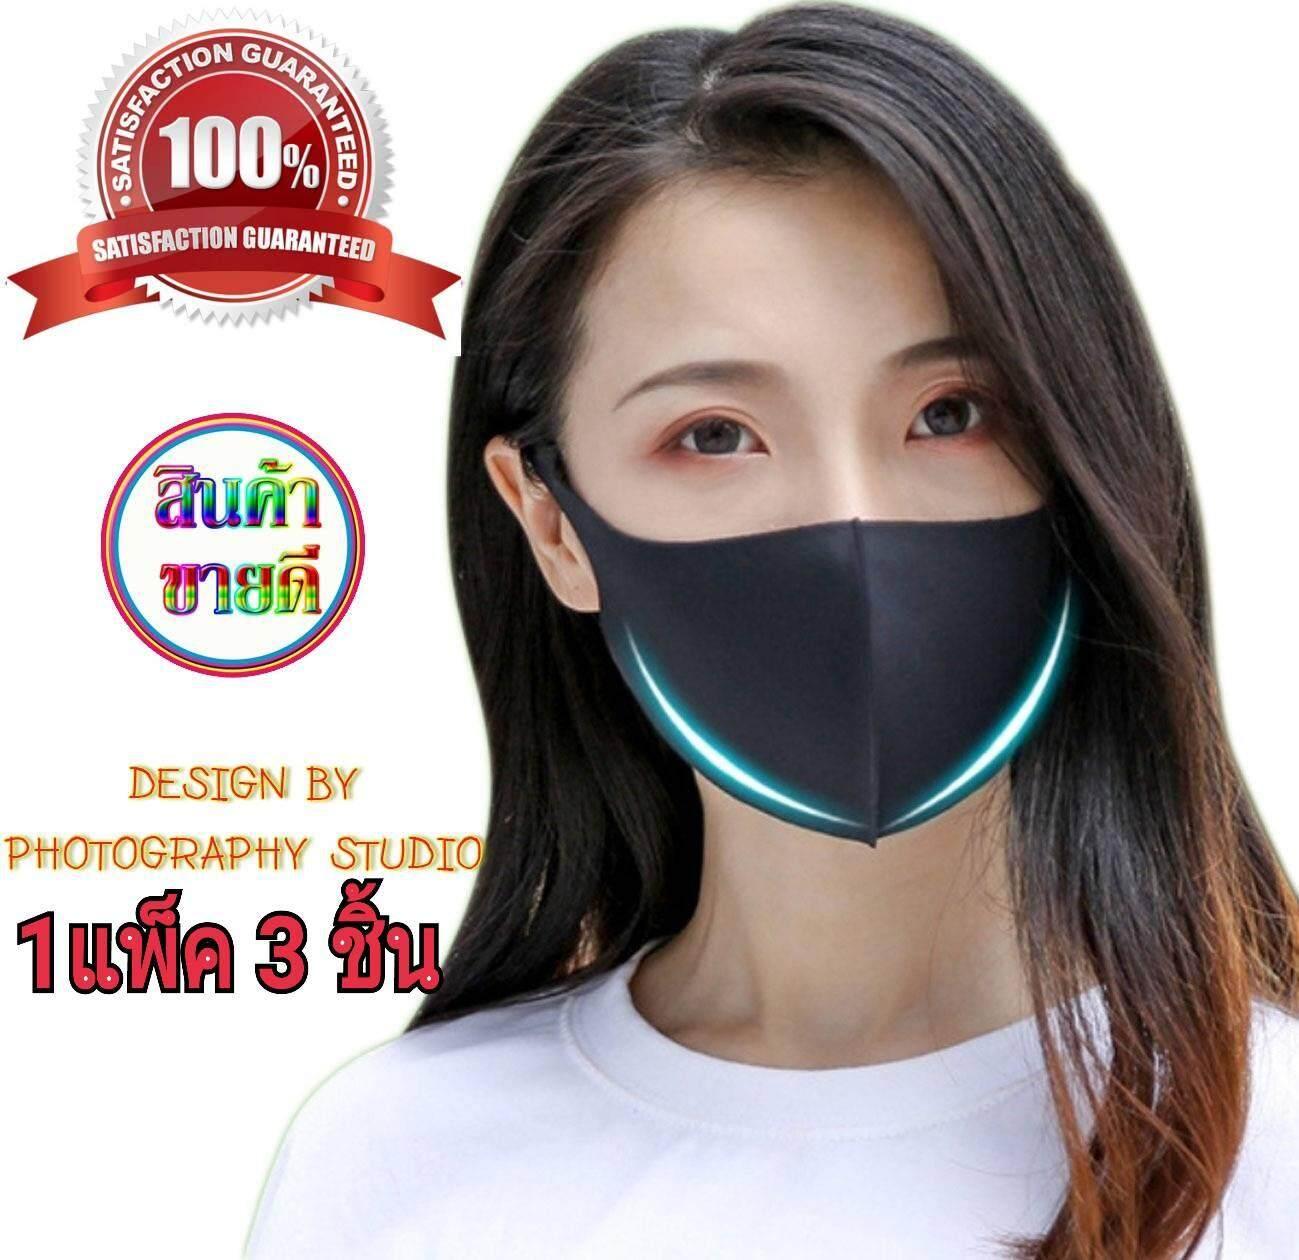 หน้ากากกันฝุ่นแฟชั่นสุดฮิตในญี่ปุ่น ผ้าปิดปากpitta Mask ( 1แพค 3 ชิ้น ) ( ดำ ) กันละอองฝุ่น ควัน ป้องกันแสง Uv 98% เกรดa พรีเมียม By S99.